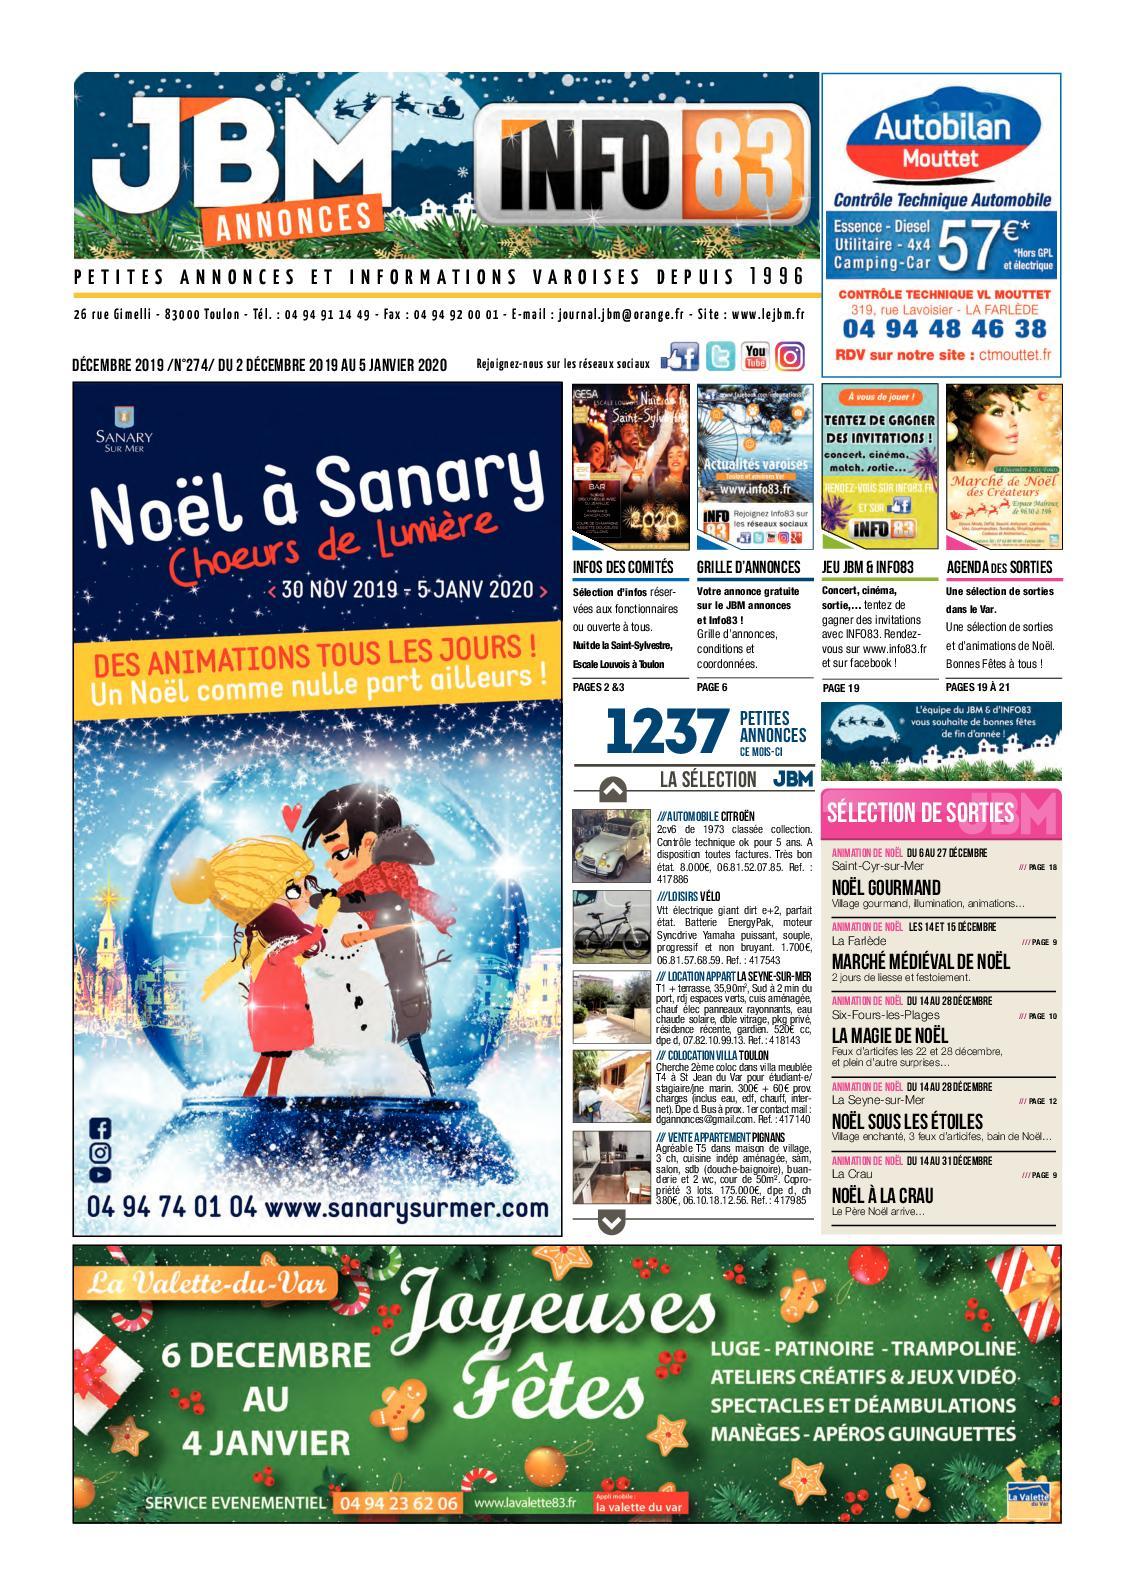 Tapis Pour Caravane Gitan calaméo - jbm274-decembre2019